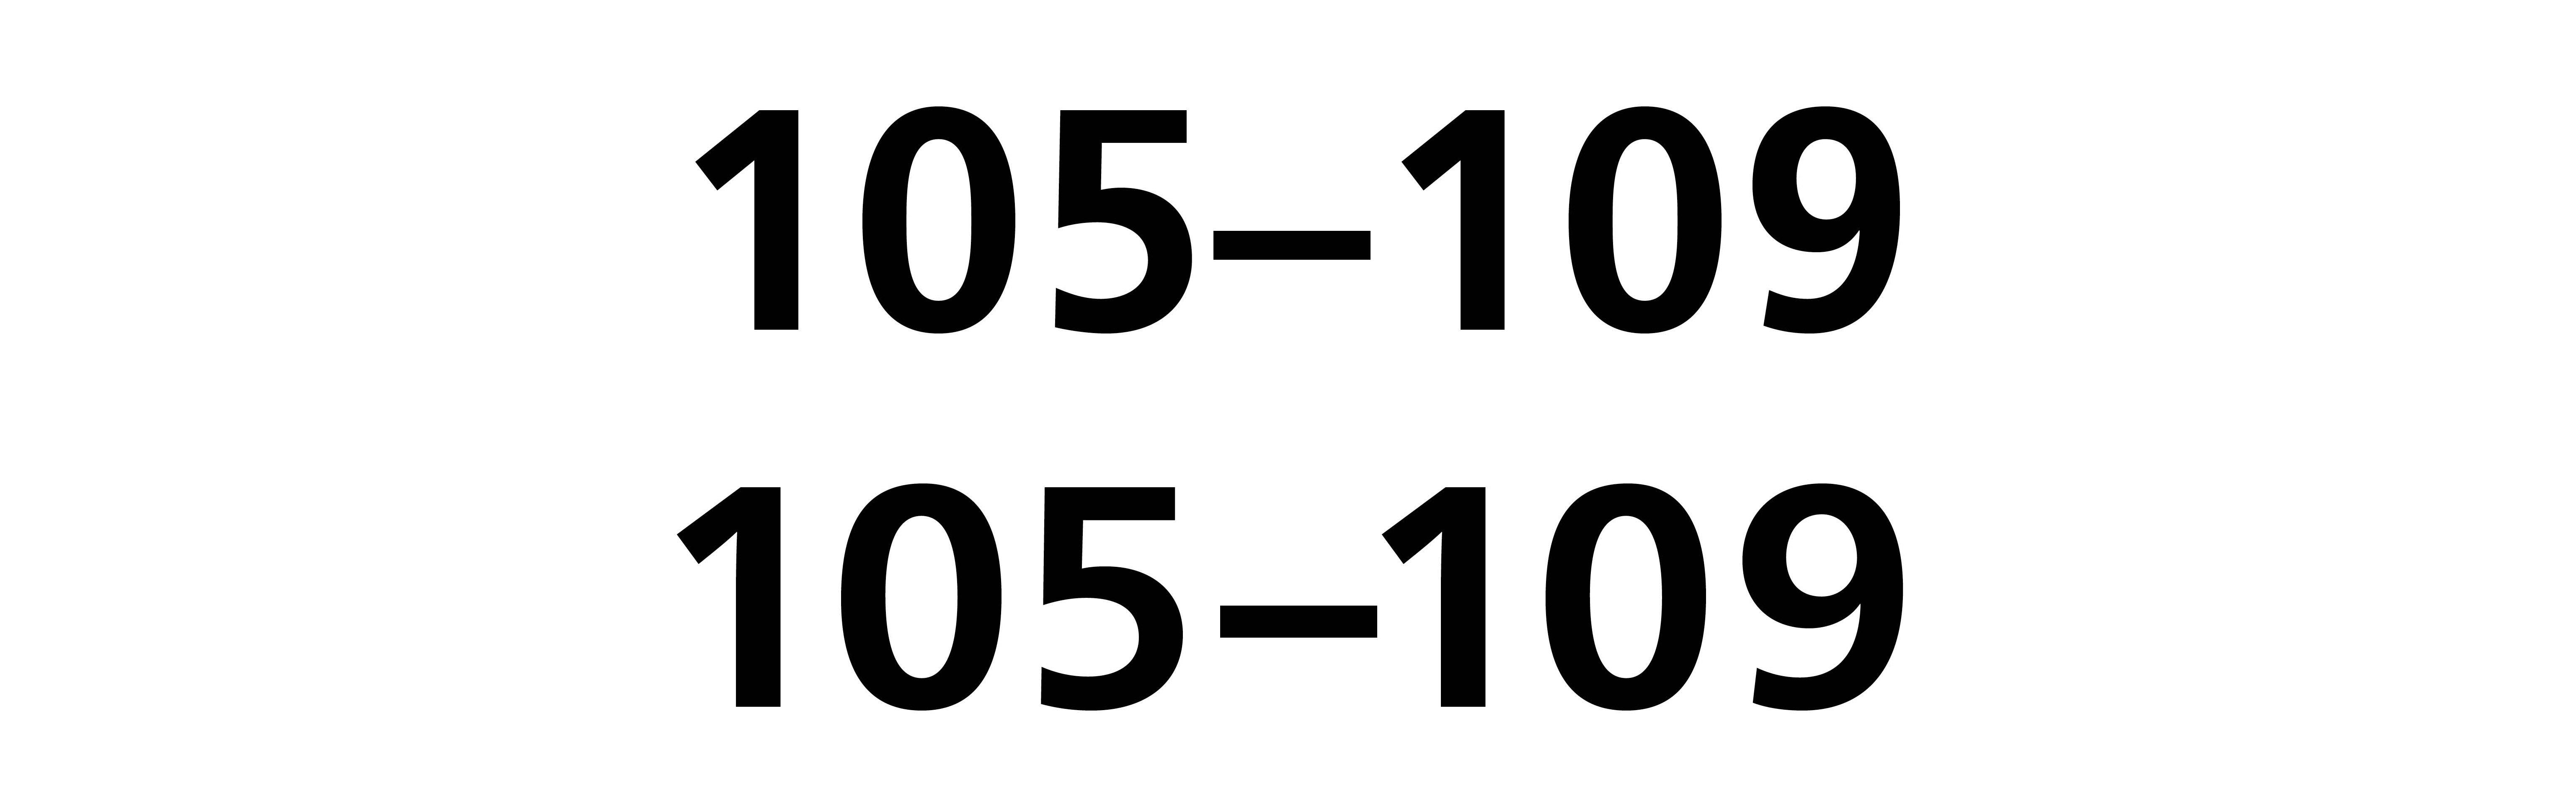 等幅の数字とプロポーショナル数字_e0175918_443473.jpg